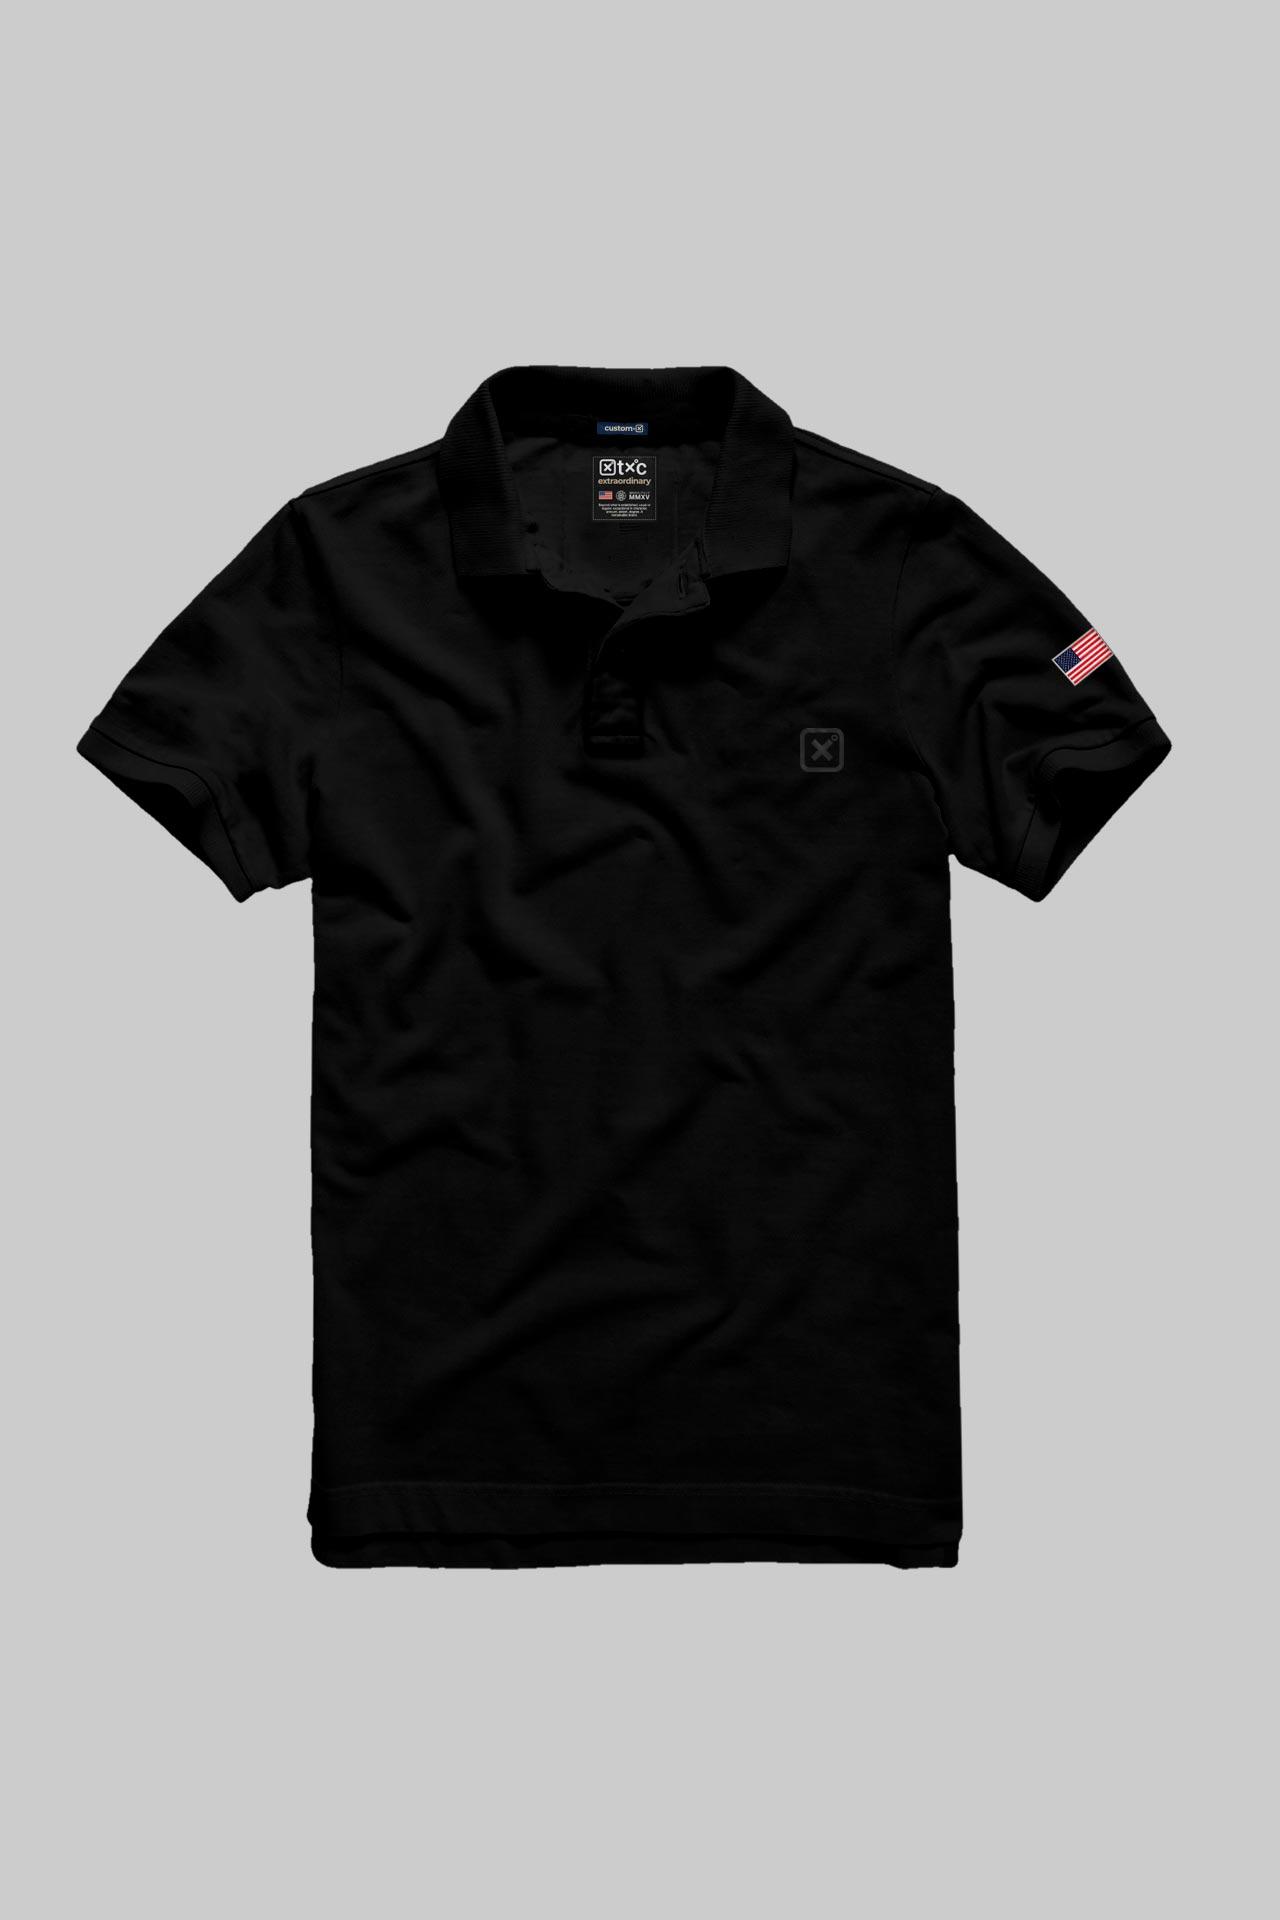 Polo TXC Brand 6337